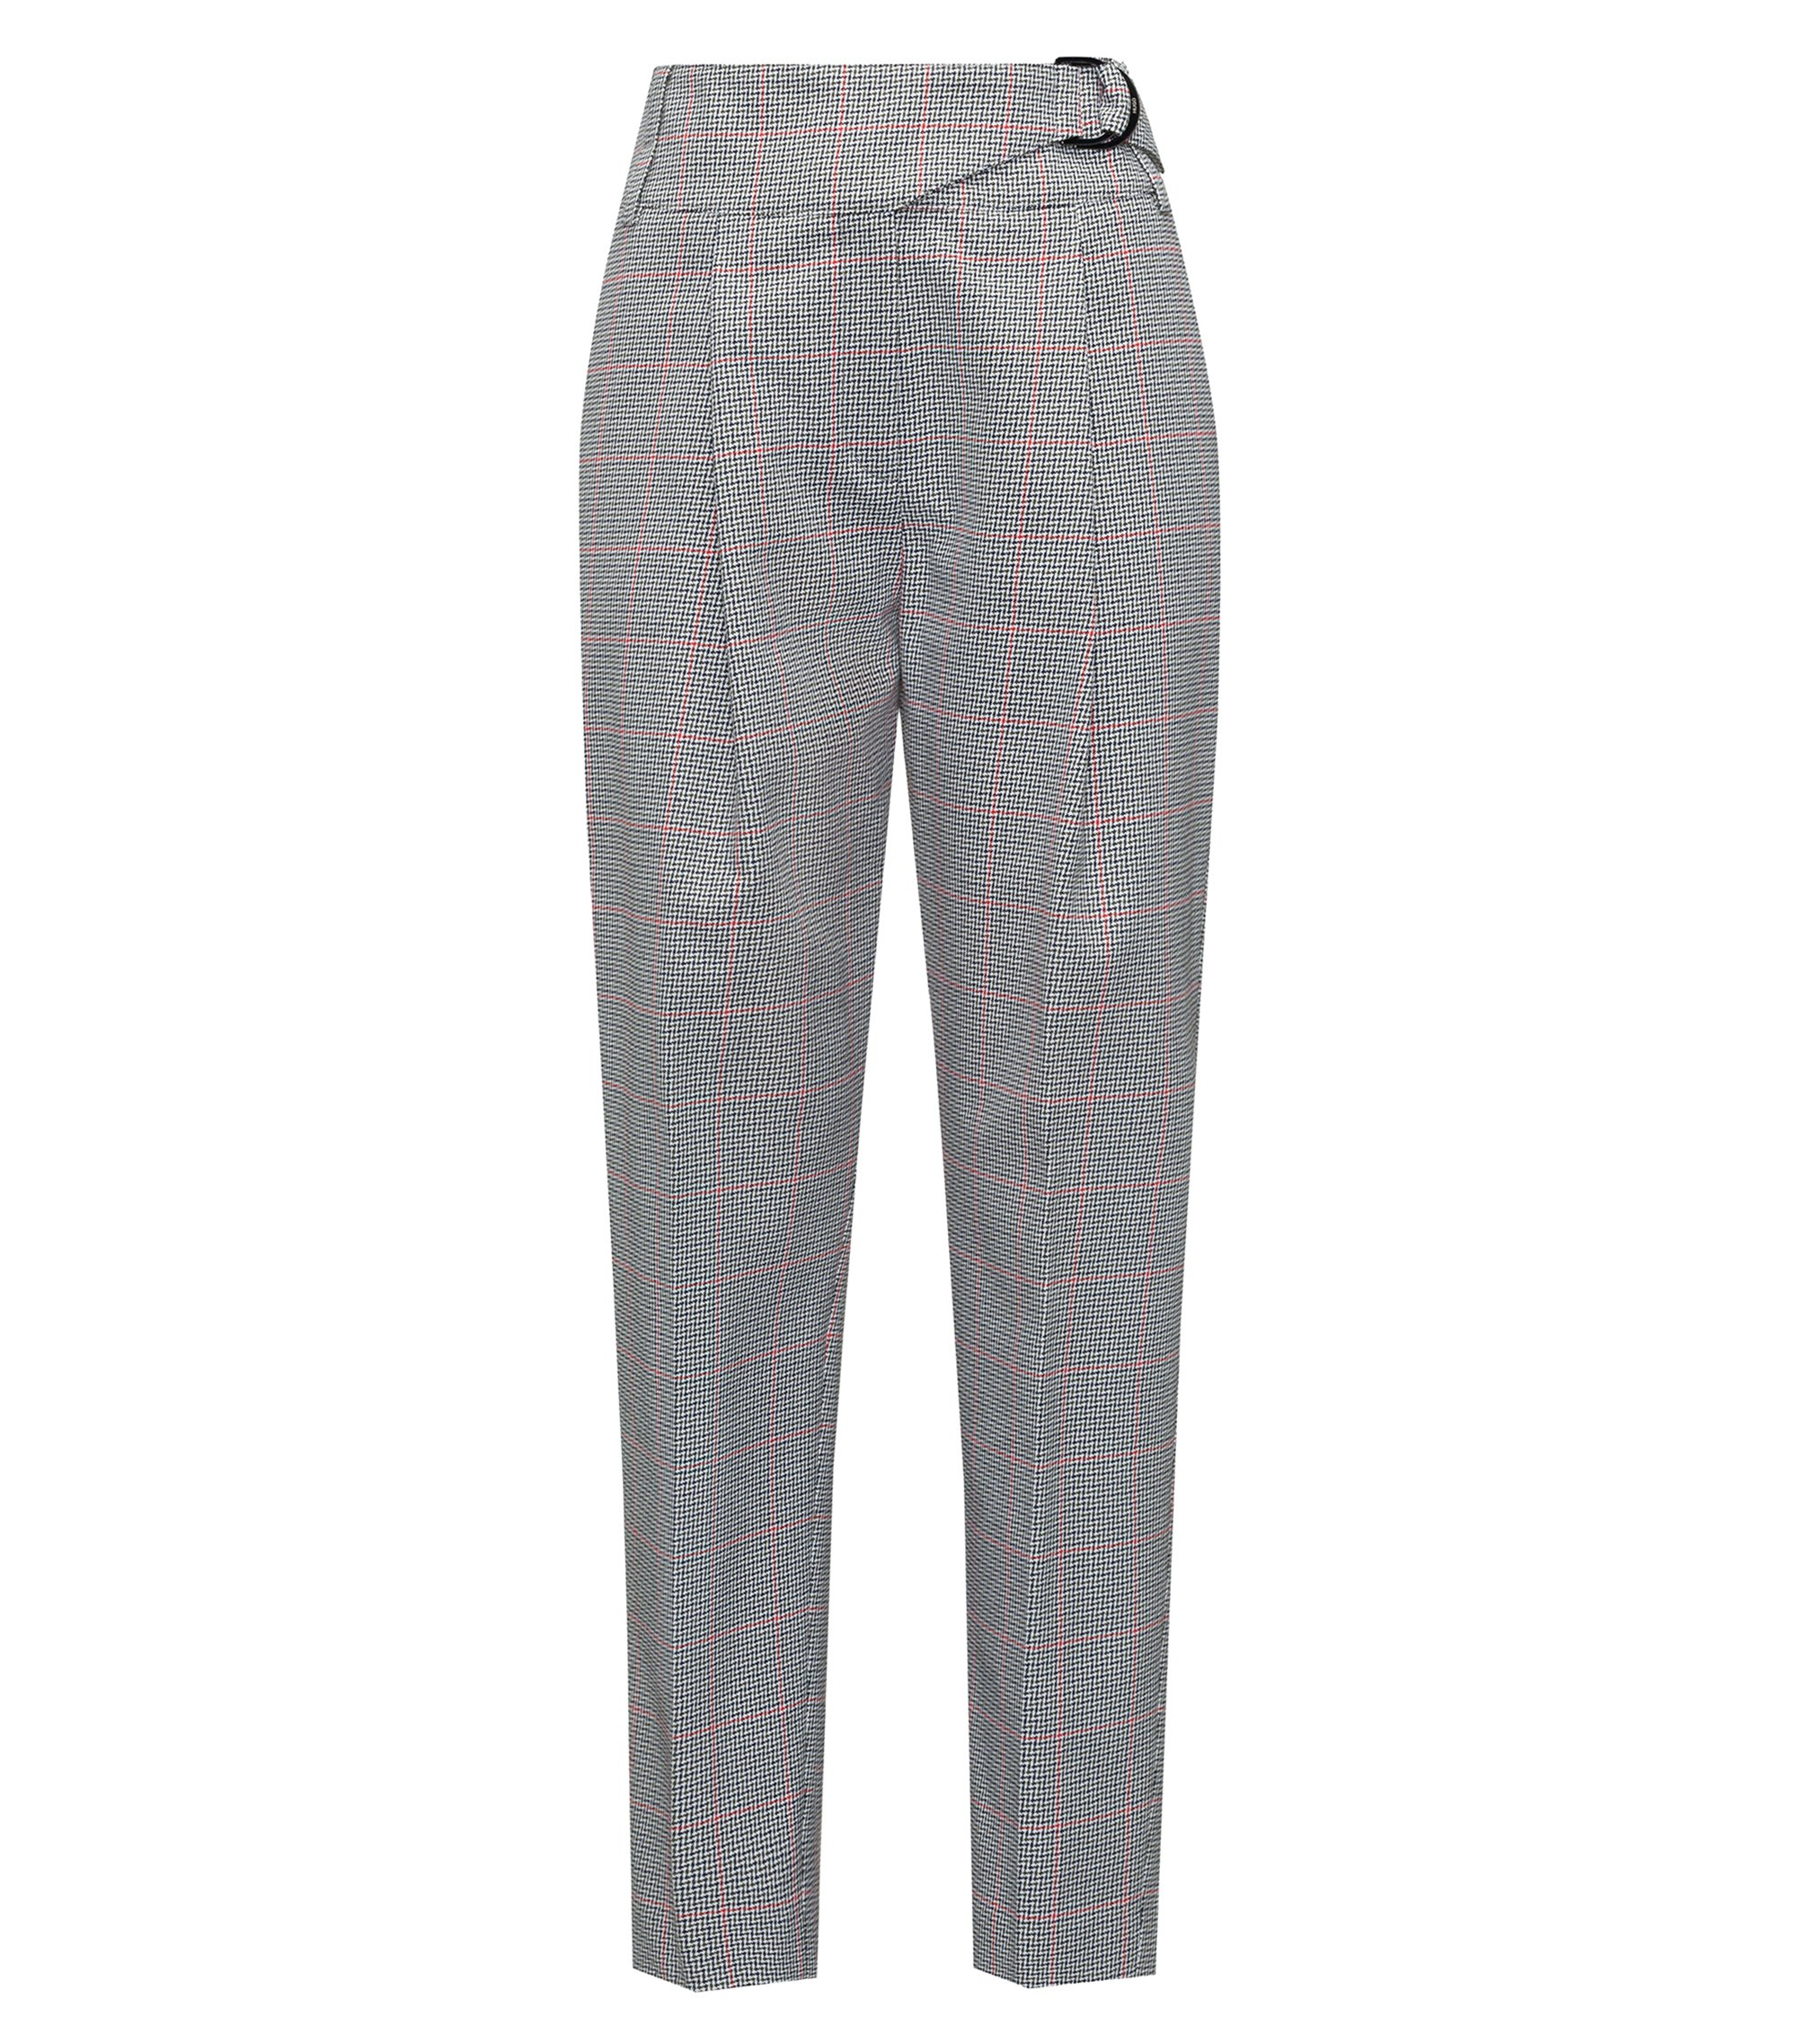 Katoenen broek met smal toelopende broekspijpen, in een zigzag-ruit, Bedrukt